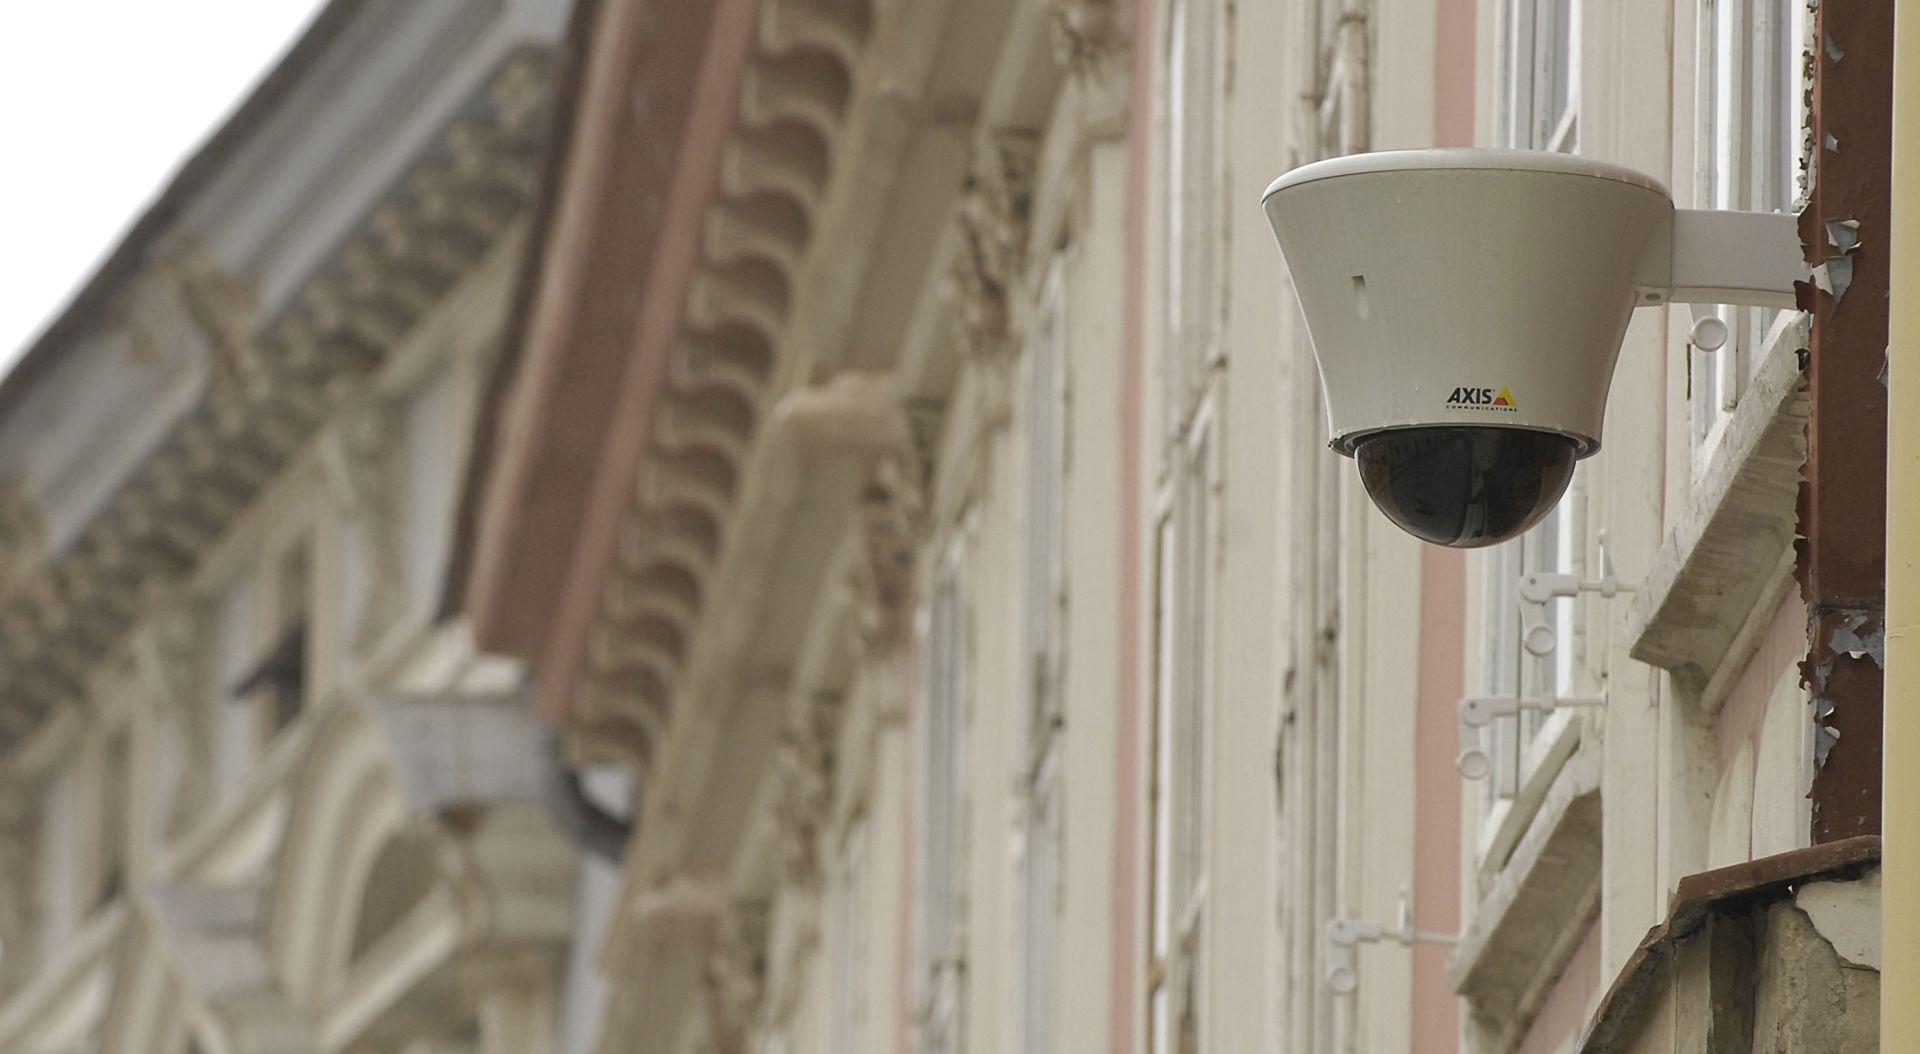 Zagrebački HSLS: Videonadzor ne smije ugroziti pravo građana na privatnost